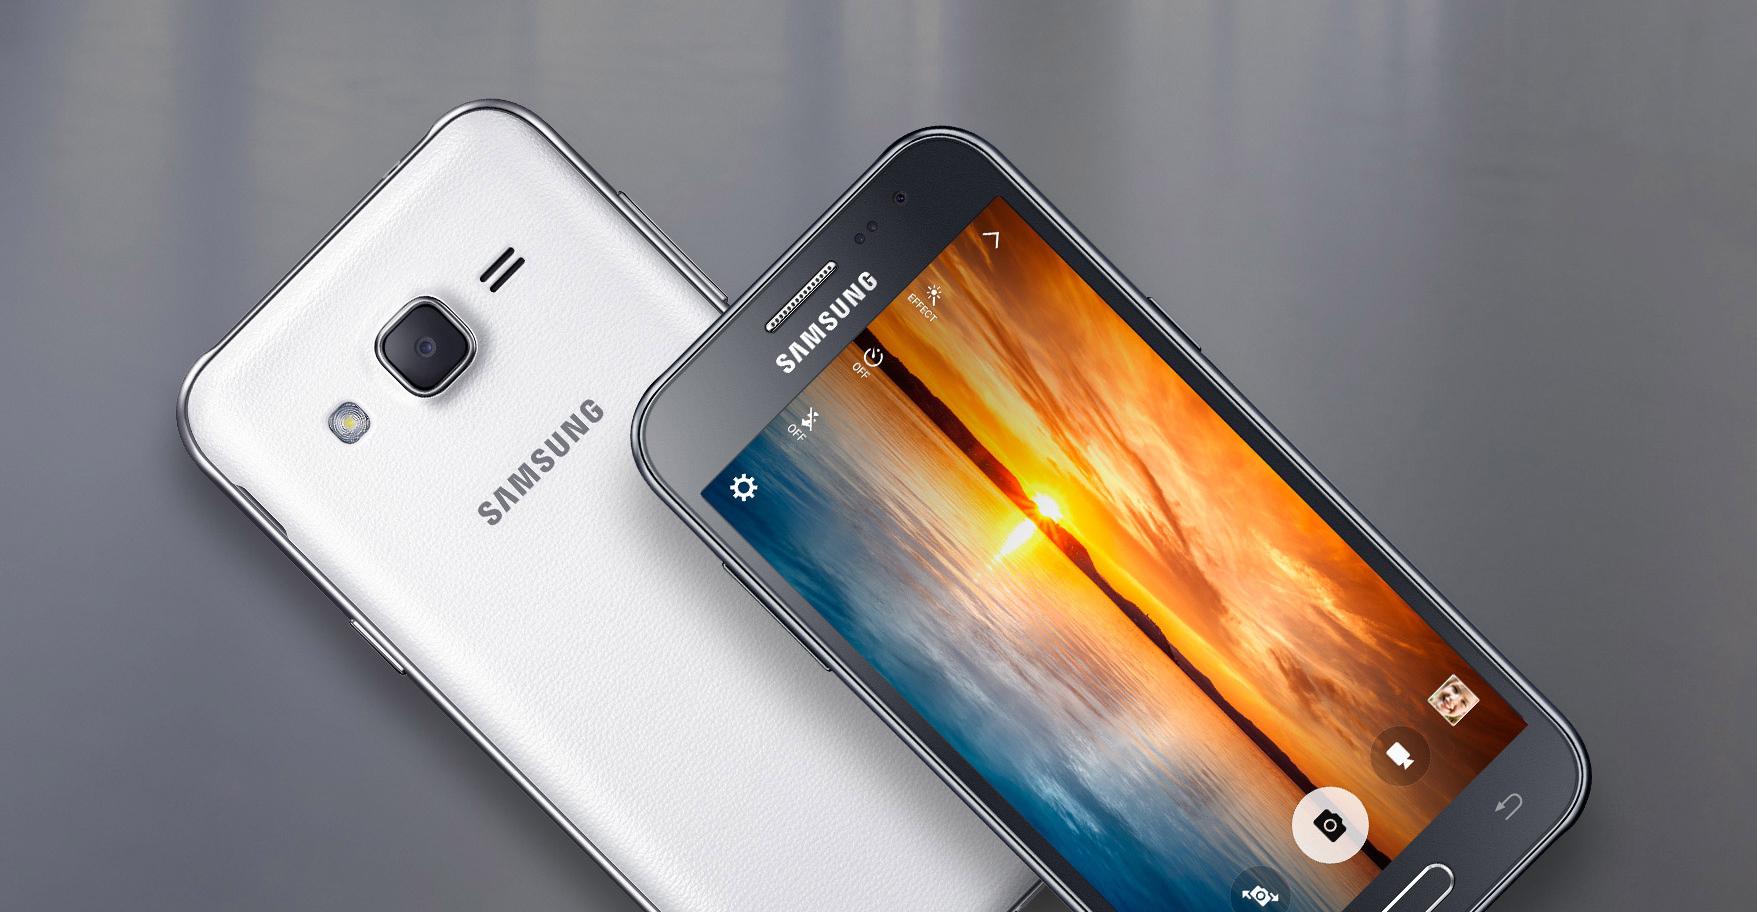 Funzionalità del Samsung Galaxy J2 e J2 Pro [Vantaggi e svantaggi] 1